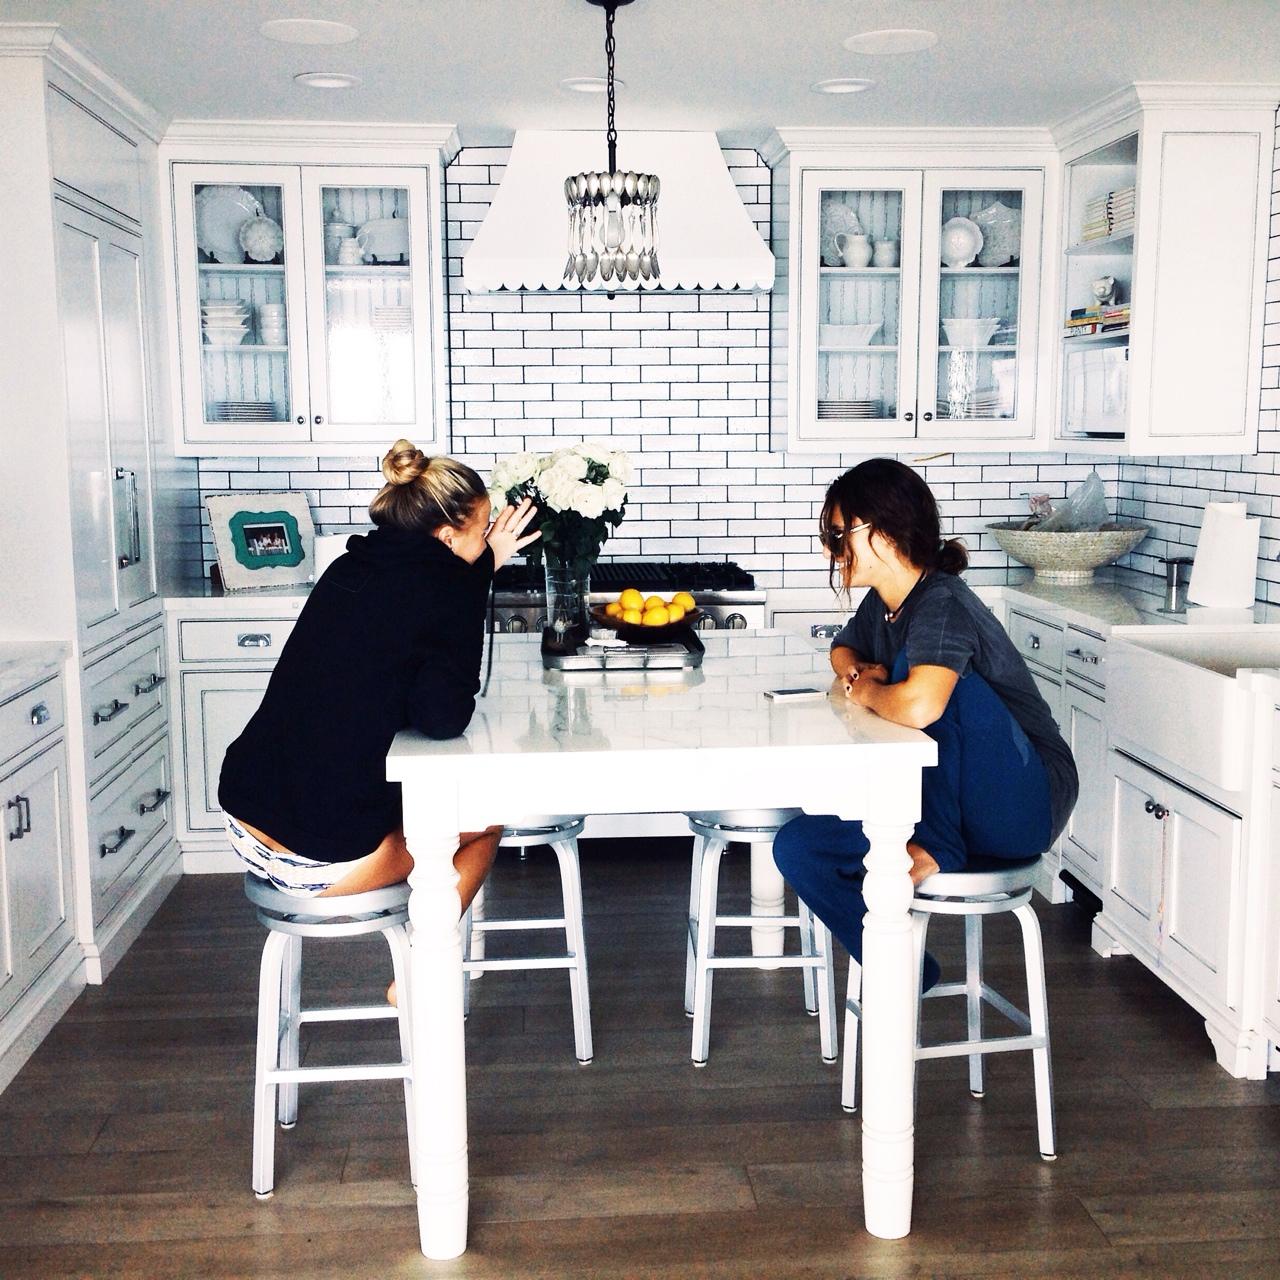 hermanas platicando en la mesa de la cocina